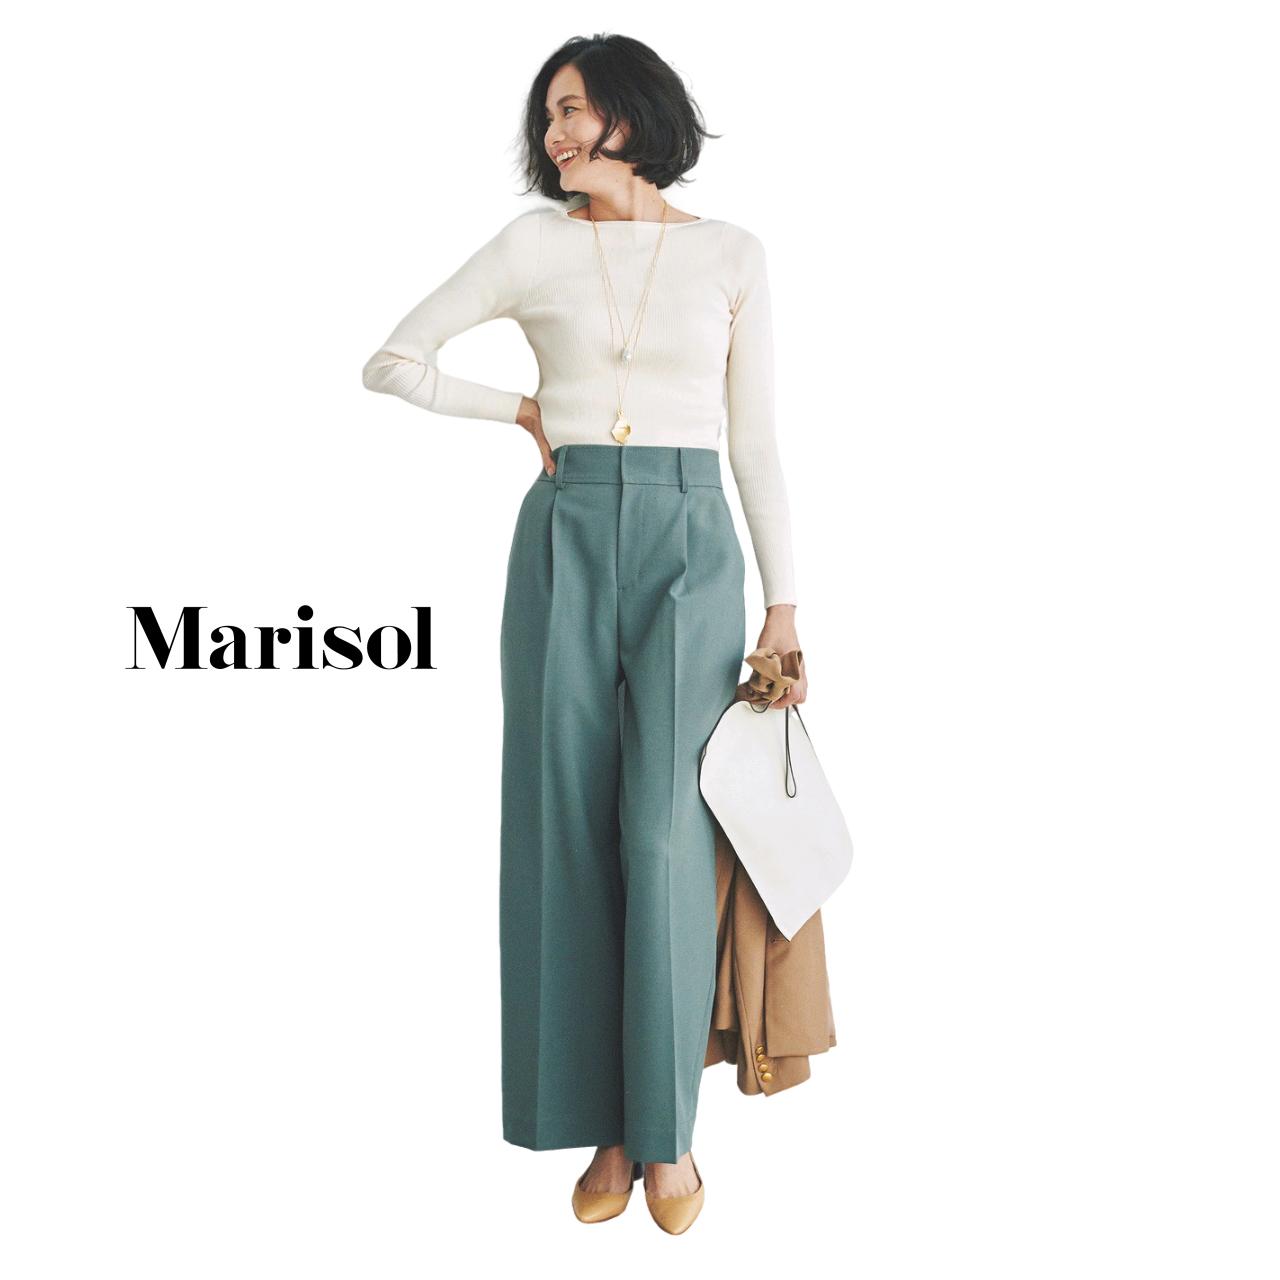 40代ファッション 白リブニット×カラーパンツコーデ